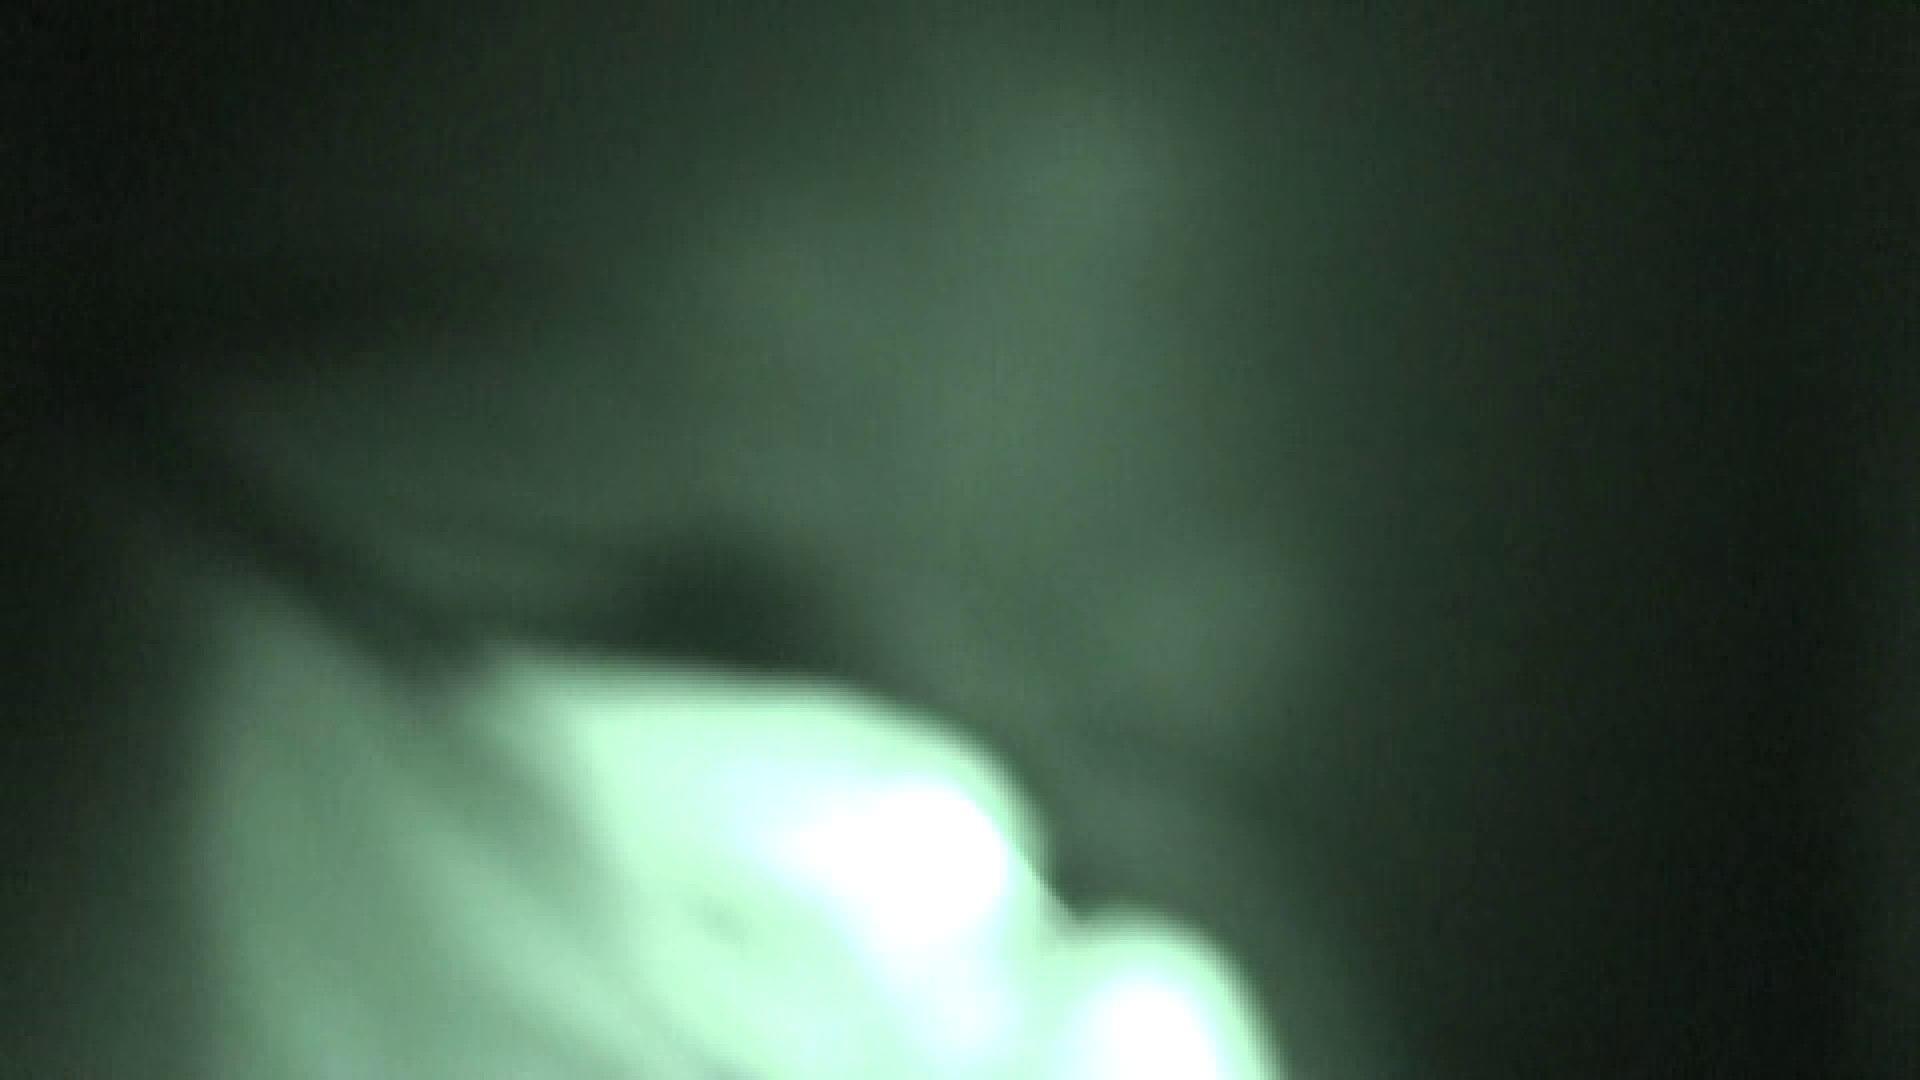 起きません! vol.10 OLハメ撮り  111Pix 5